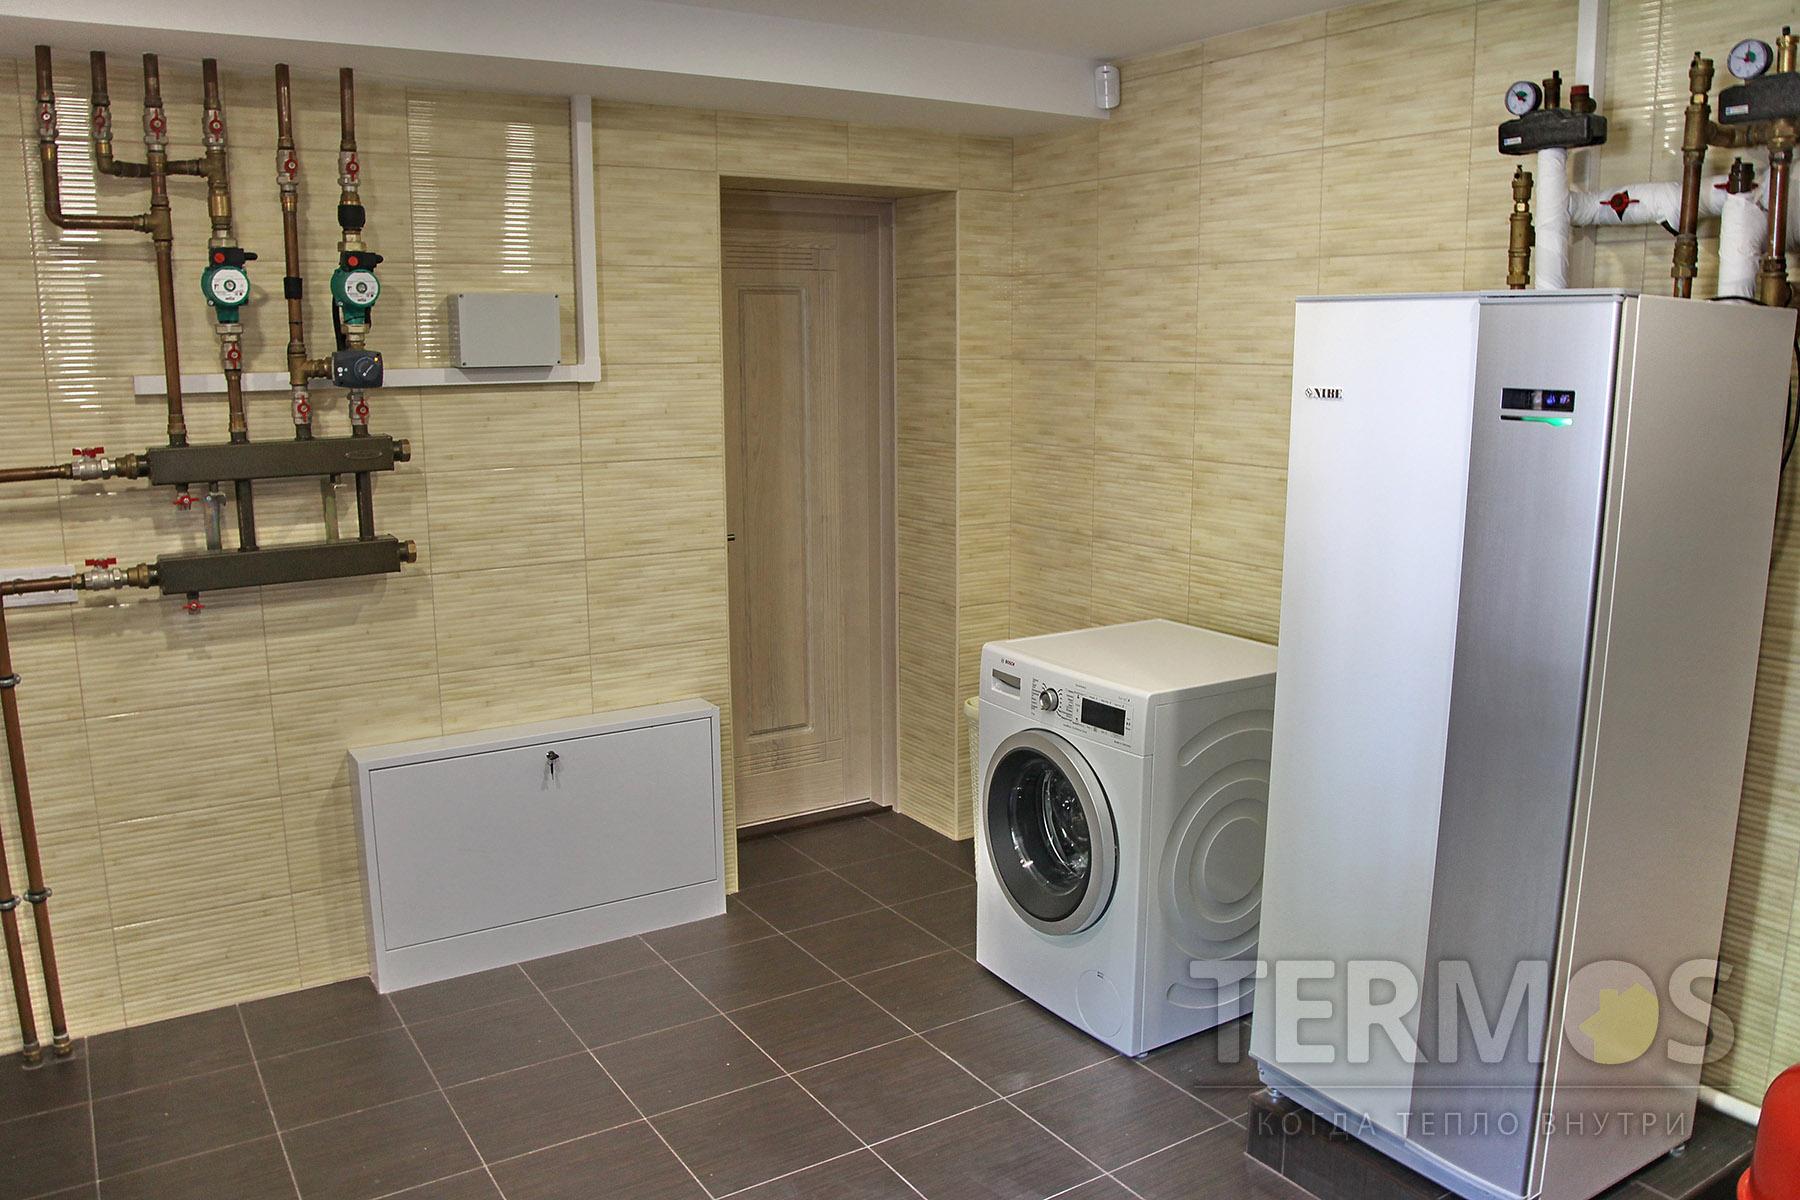 2016 год, с. Мархалевка. Дом 260 кв м. Низкотемпературная система отопления обеспечивает работу теплового насоса с высоким COP